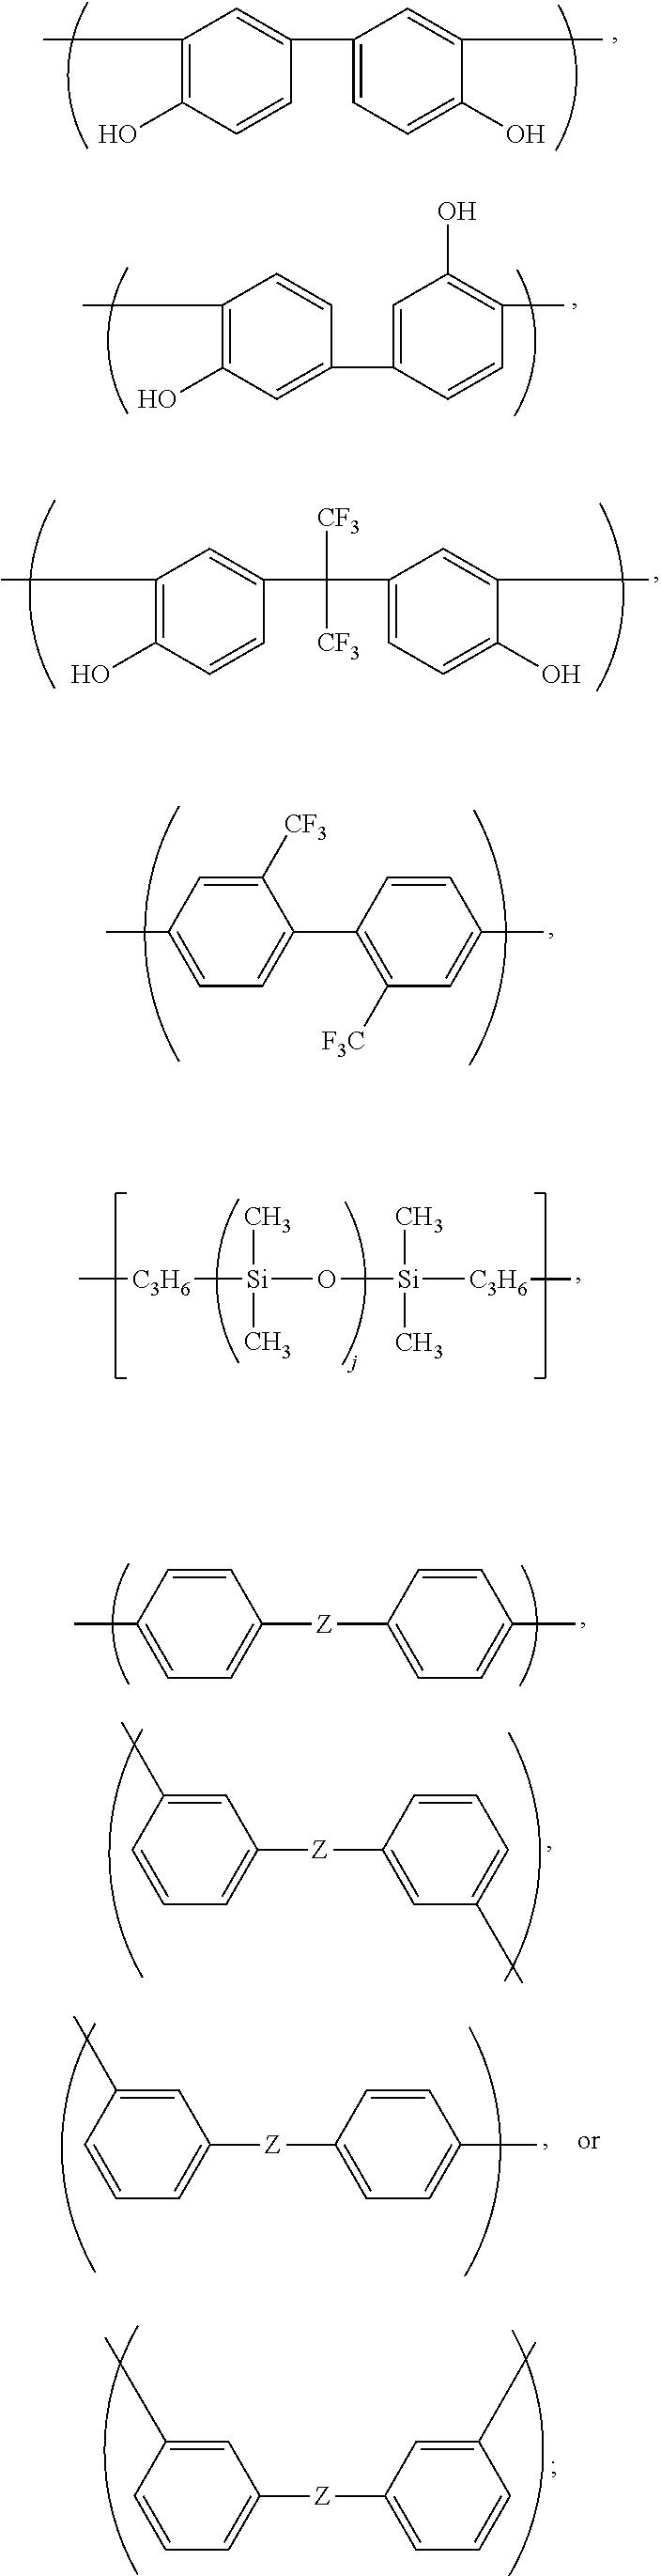 Figure US09477148-20161025-C00037